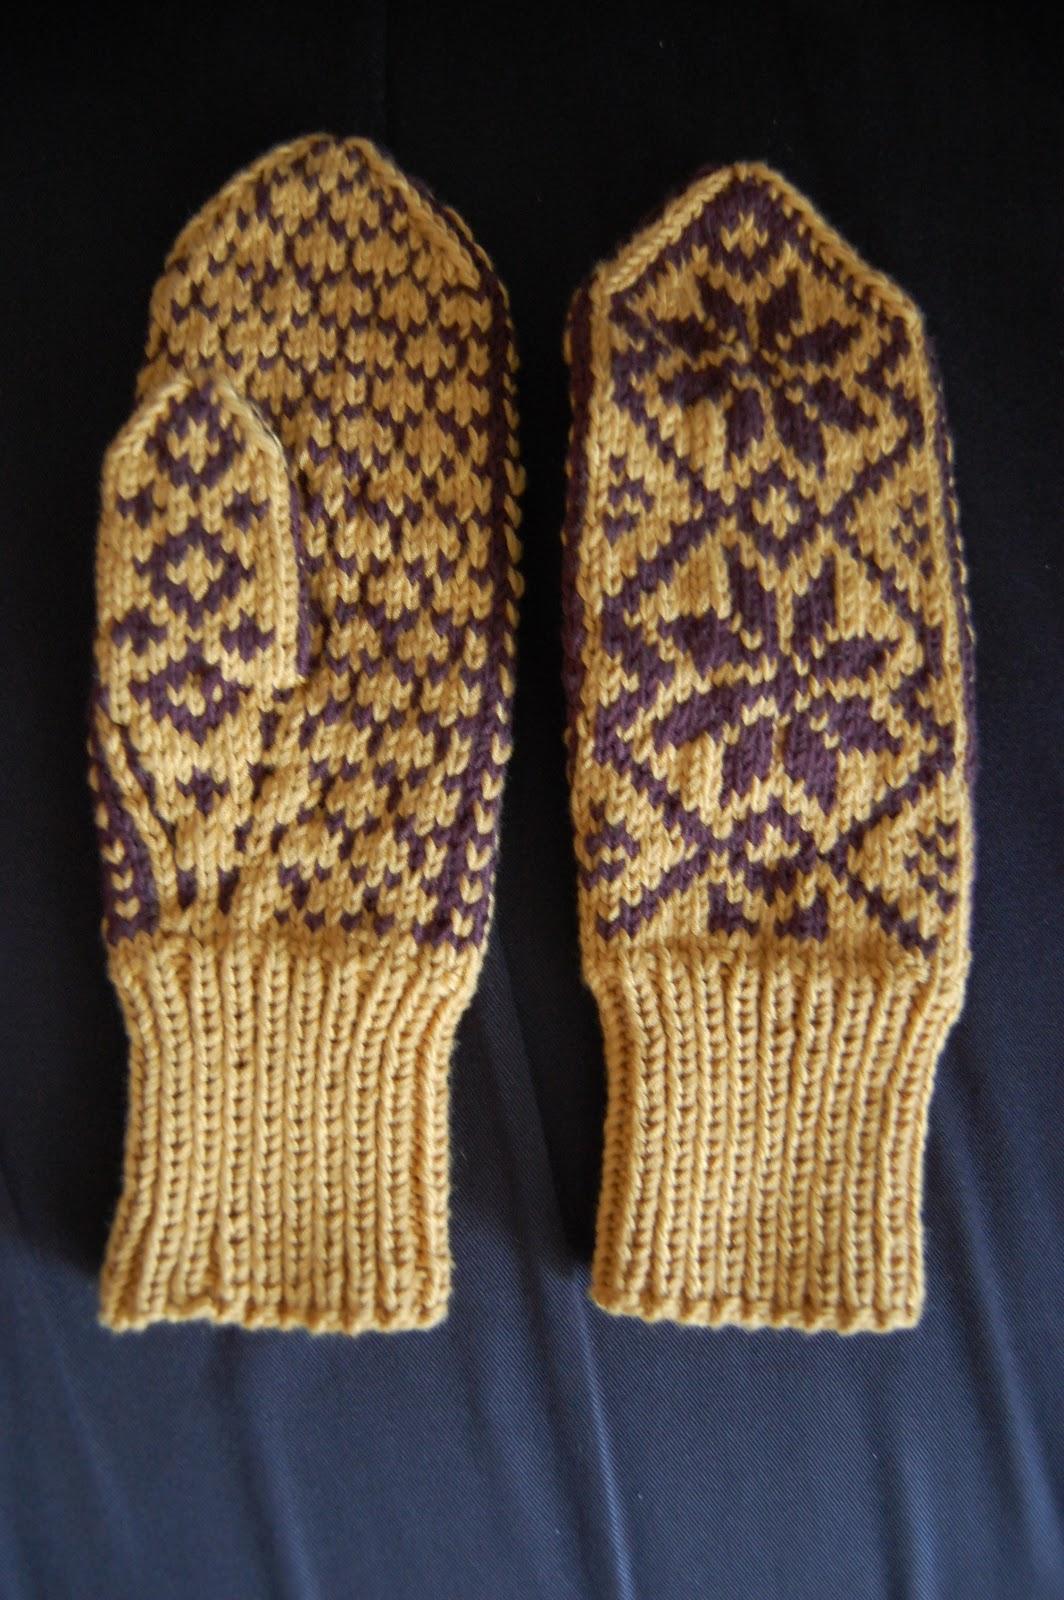 baeea702 Selbuvotter til dame strikket i dobbelt Blend bamboo fra garnprodusenten  Hjertegarn i okergul (fargenummer 3314) og mørk brun (fargenummer 2500) (70  ...